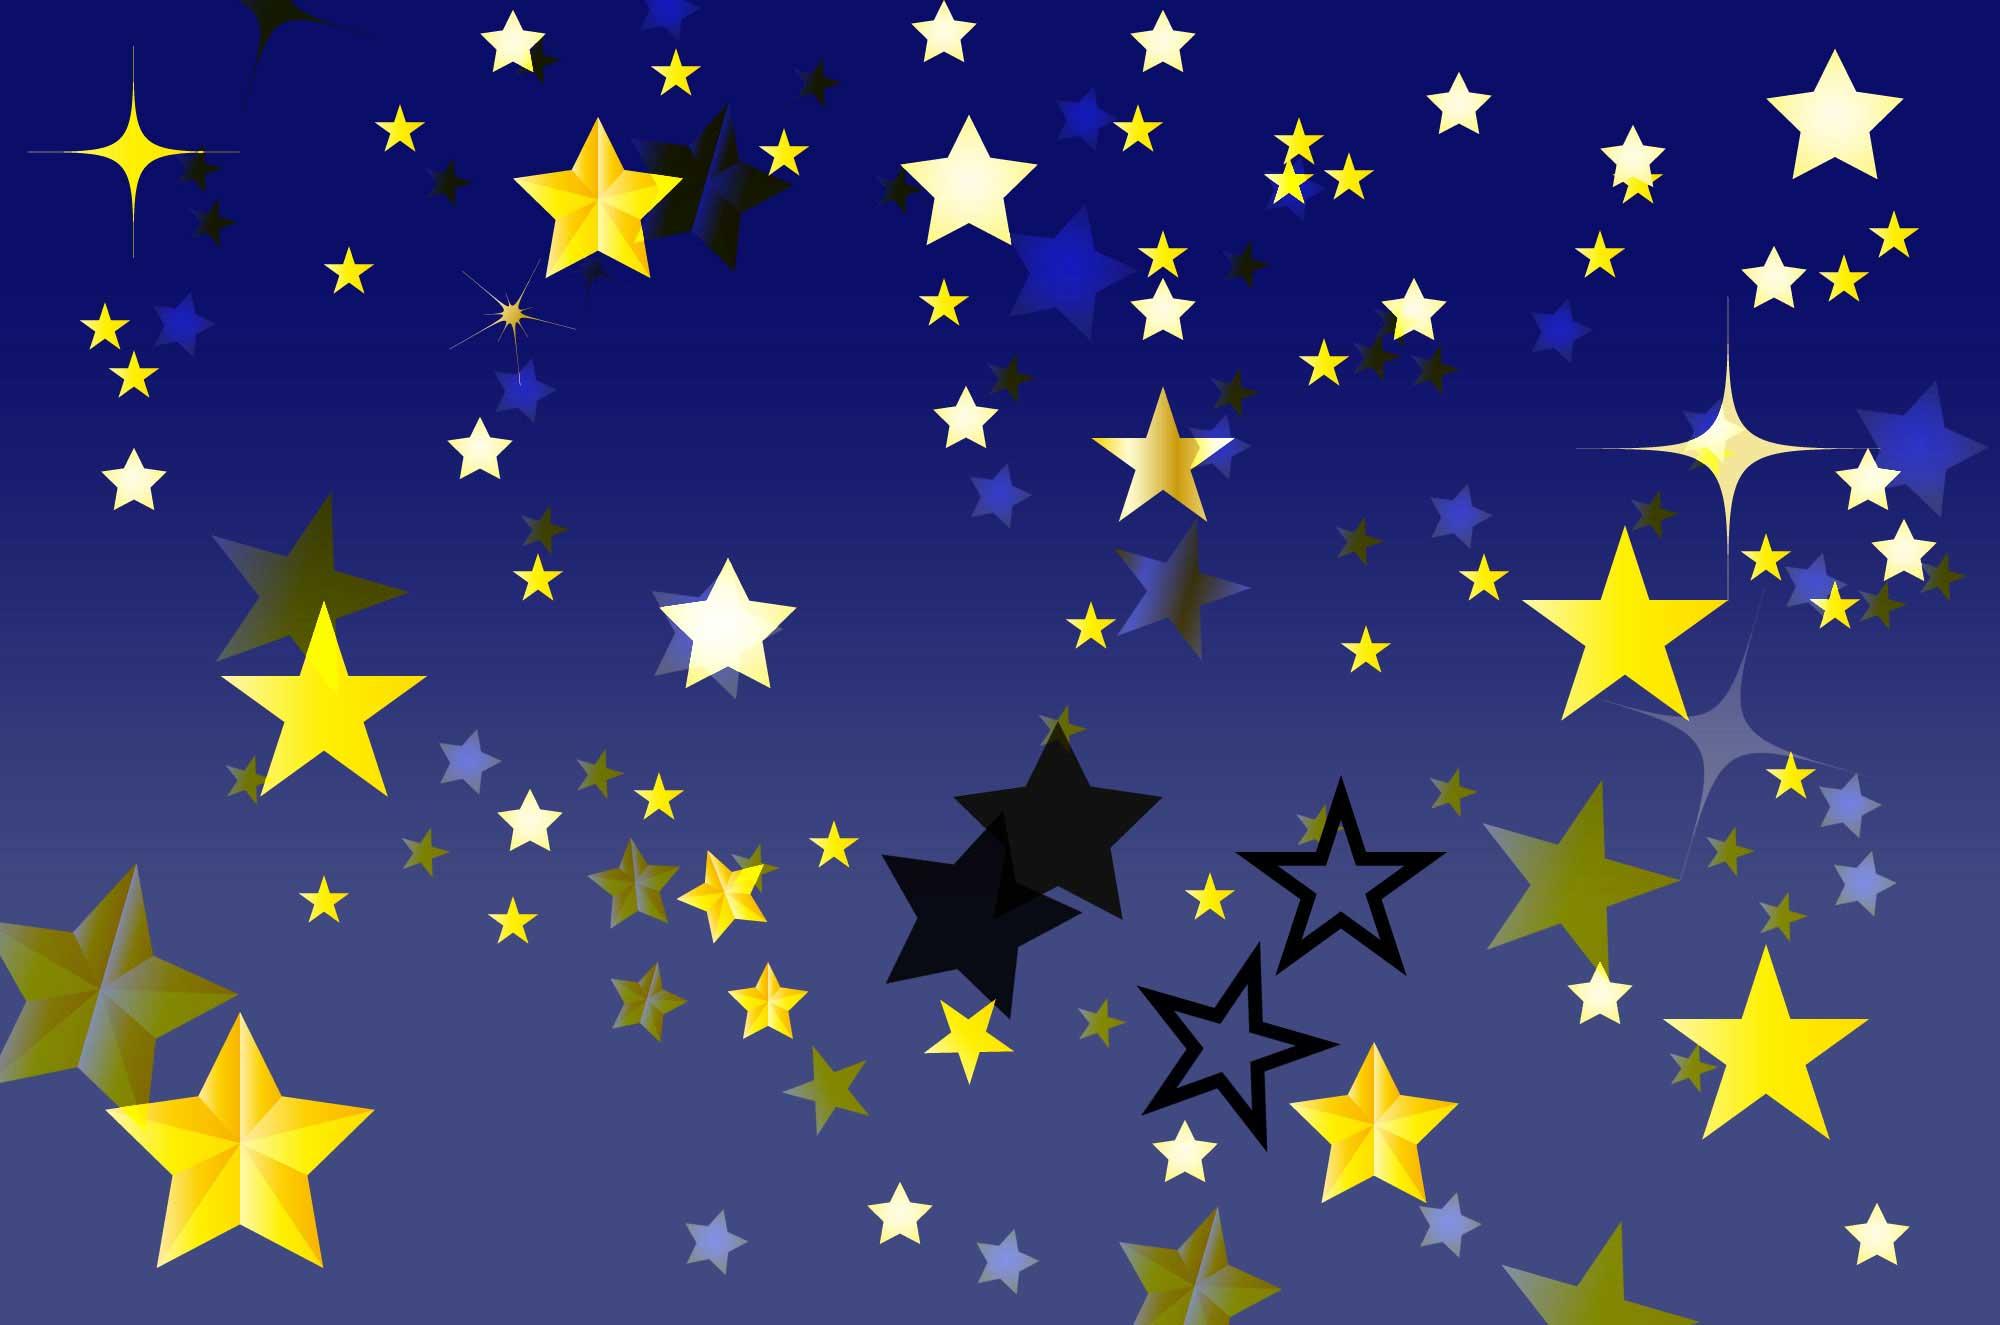 星イラスト , キラキラ光る空の装飾デザイン素材集